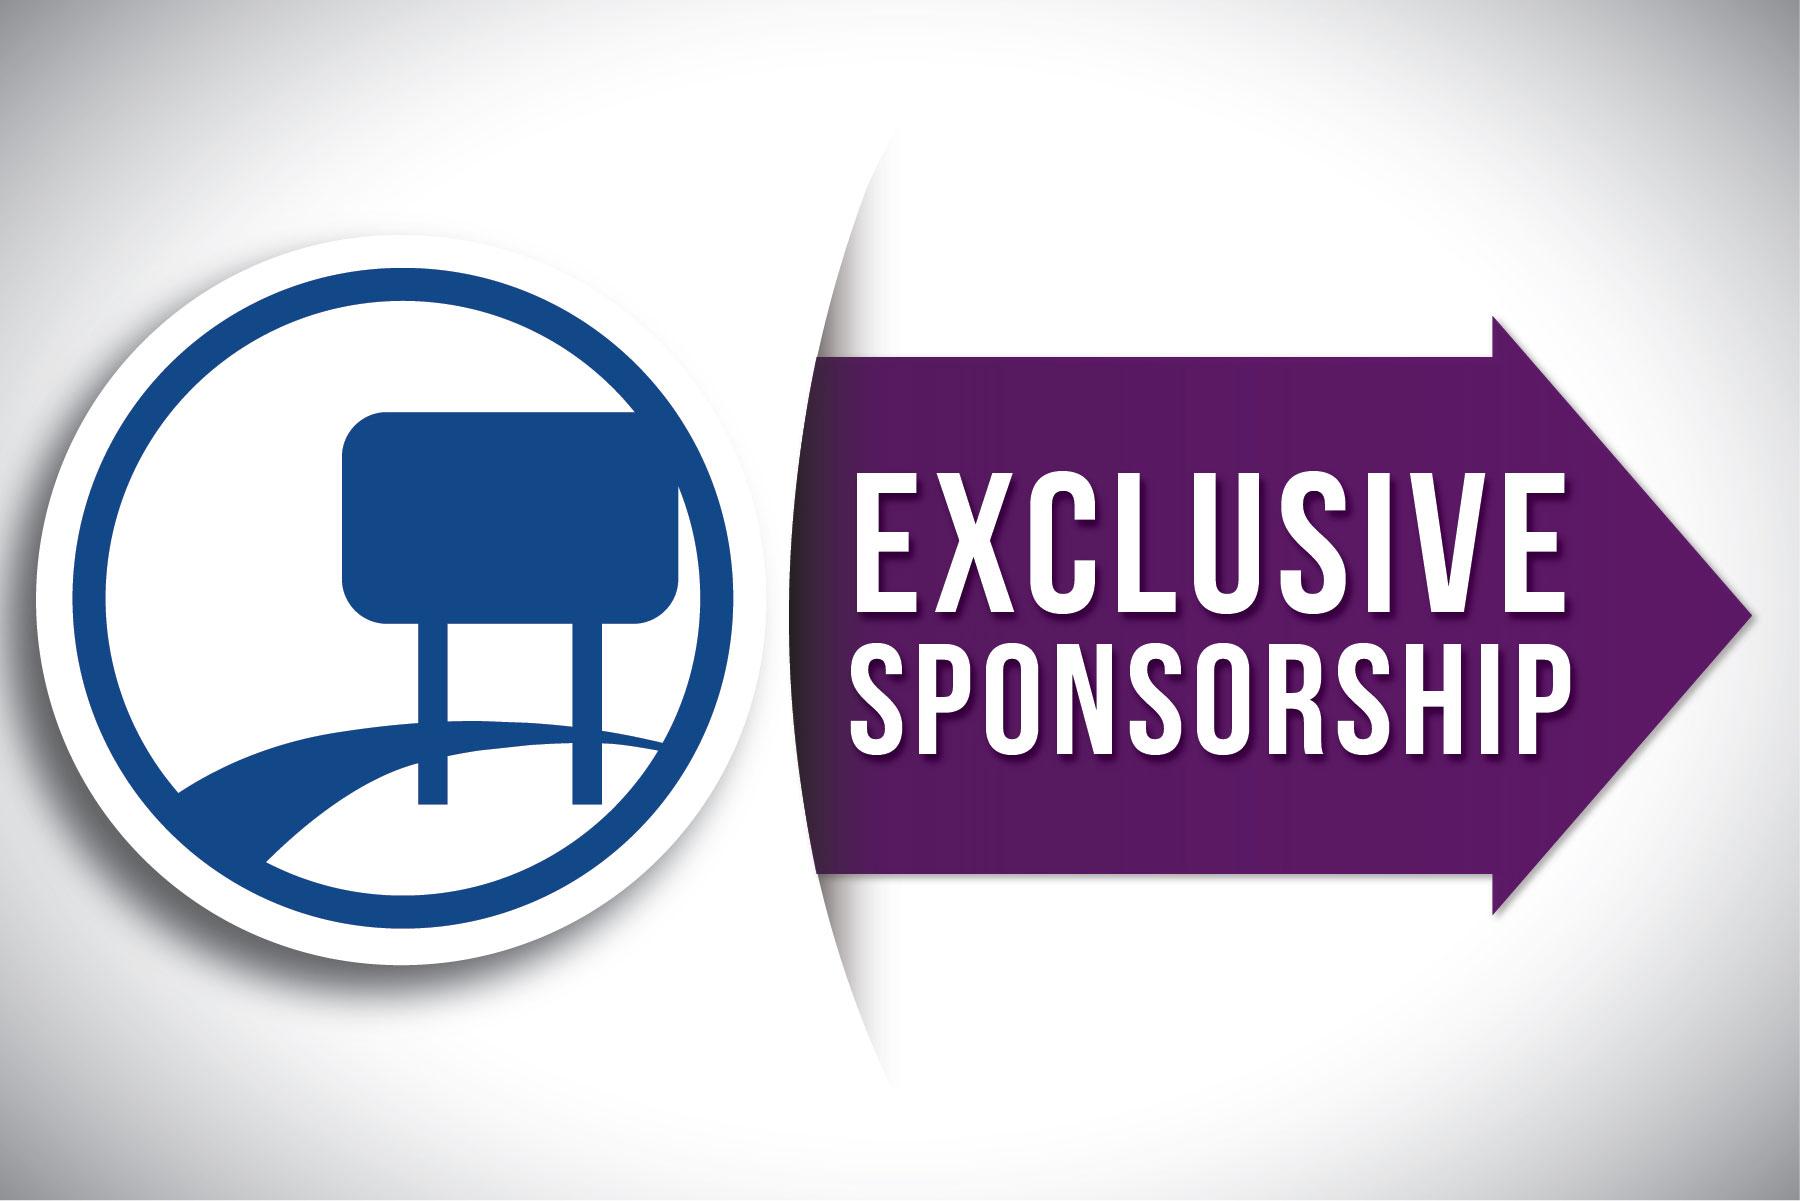 Exclusive-Sponsorship_horizontal.jpg